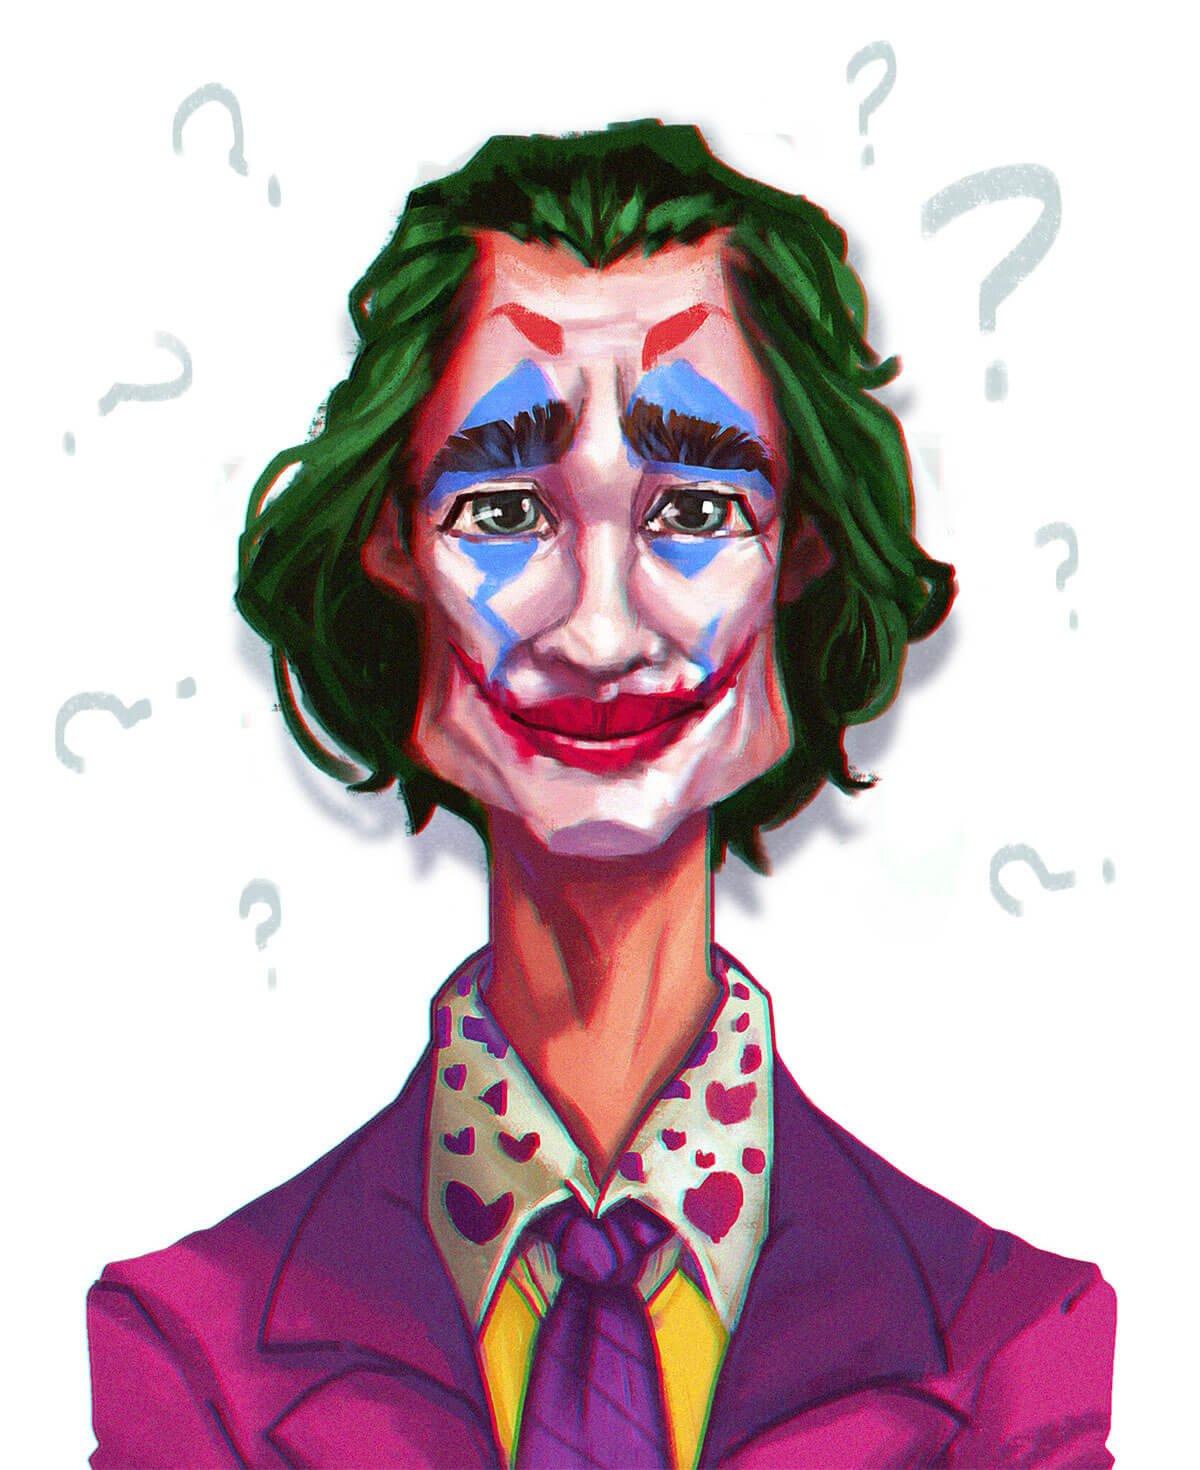 New Joker by Taha Yeasin